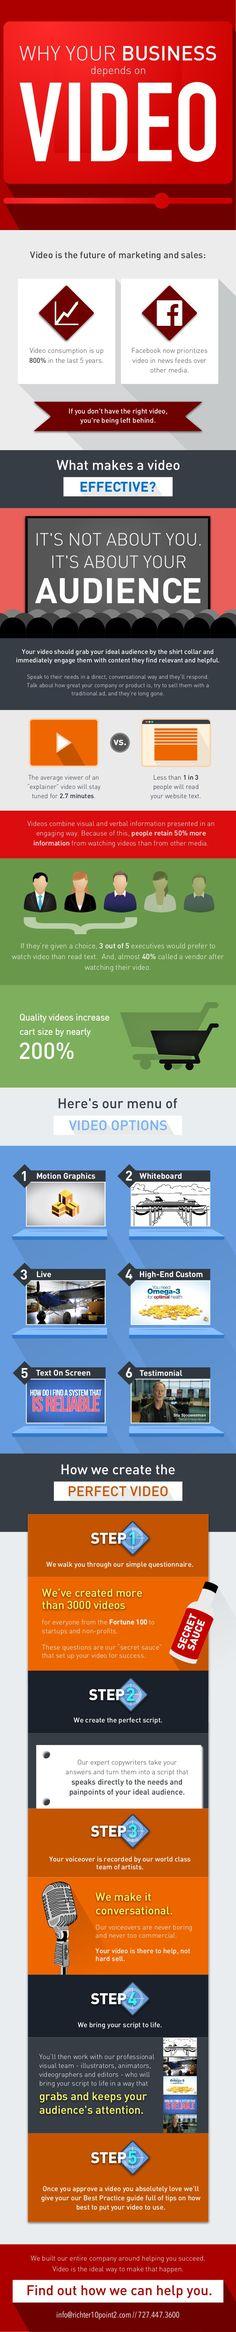 La importancia del vídeo para tu empresa #infografia #infographic #marketing